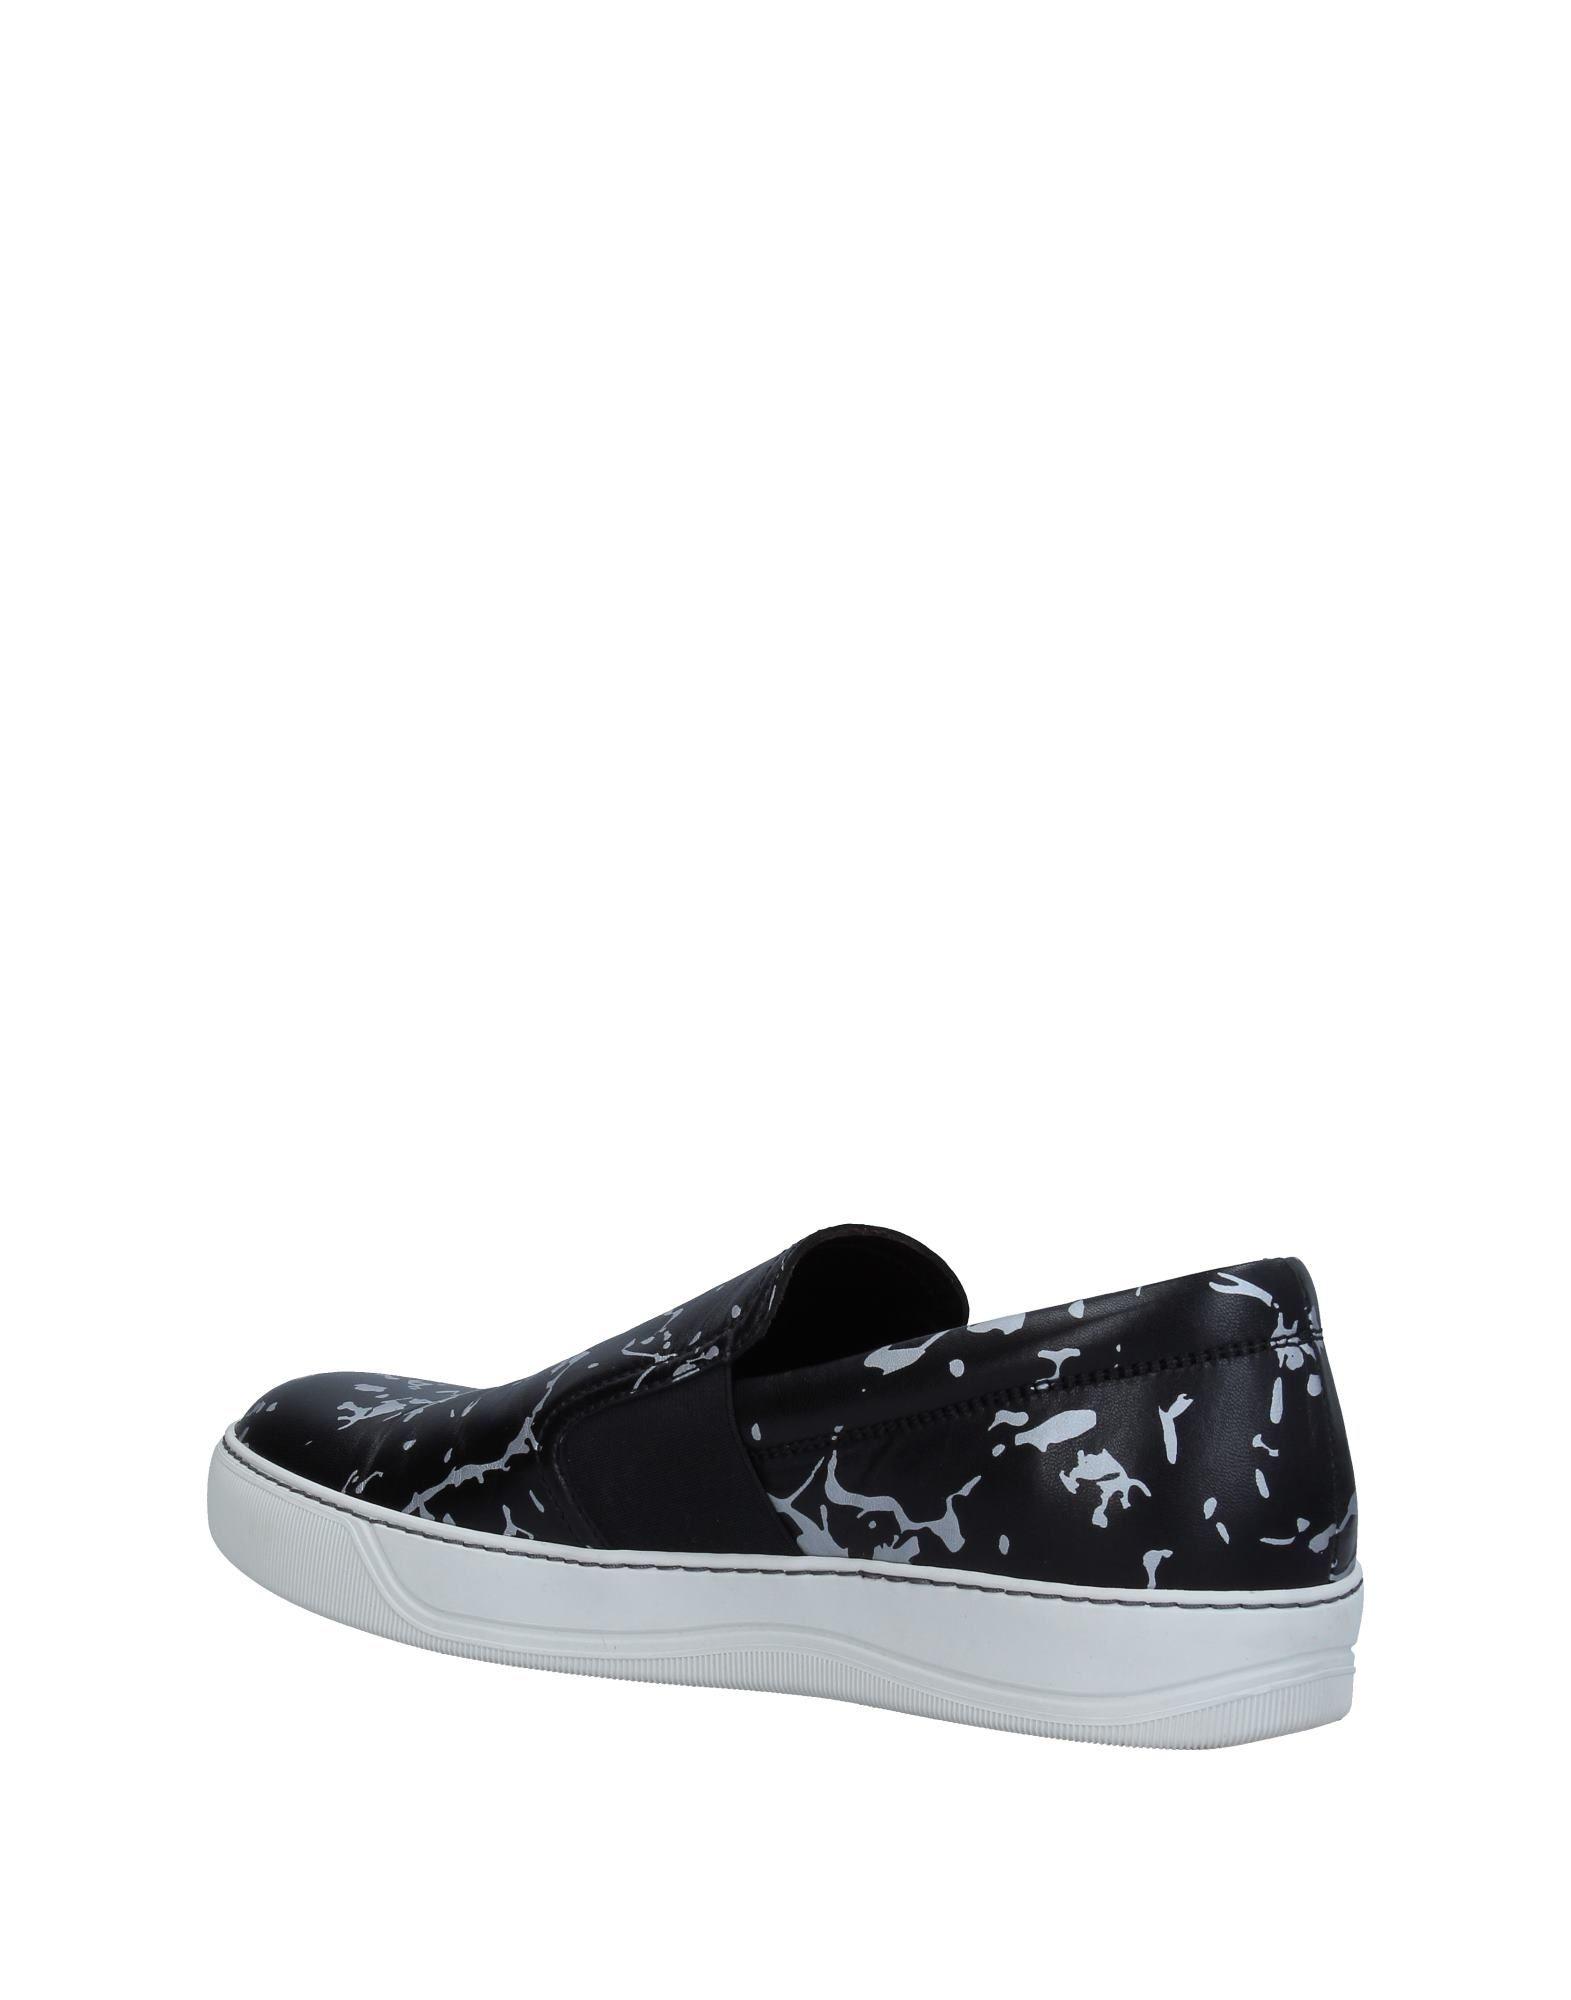 Lanvin 11340309IM Sneakers Herren  11340309IM Lanvin Gute Qualität beliebte Schuhe 8b3fa9